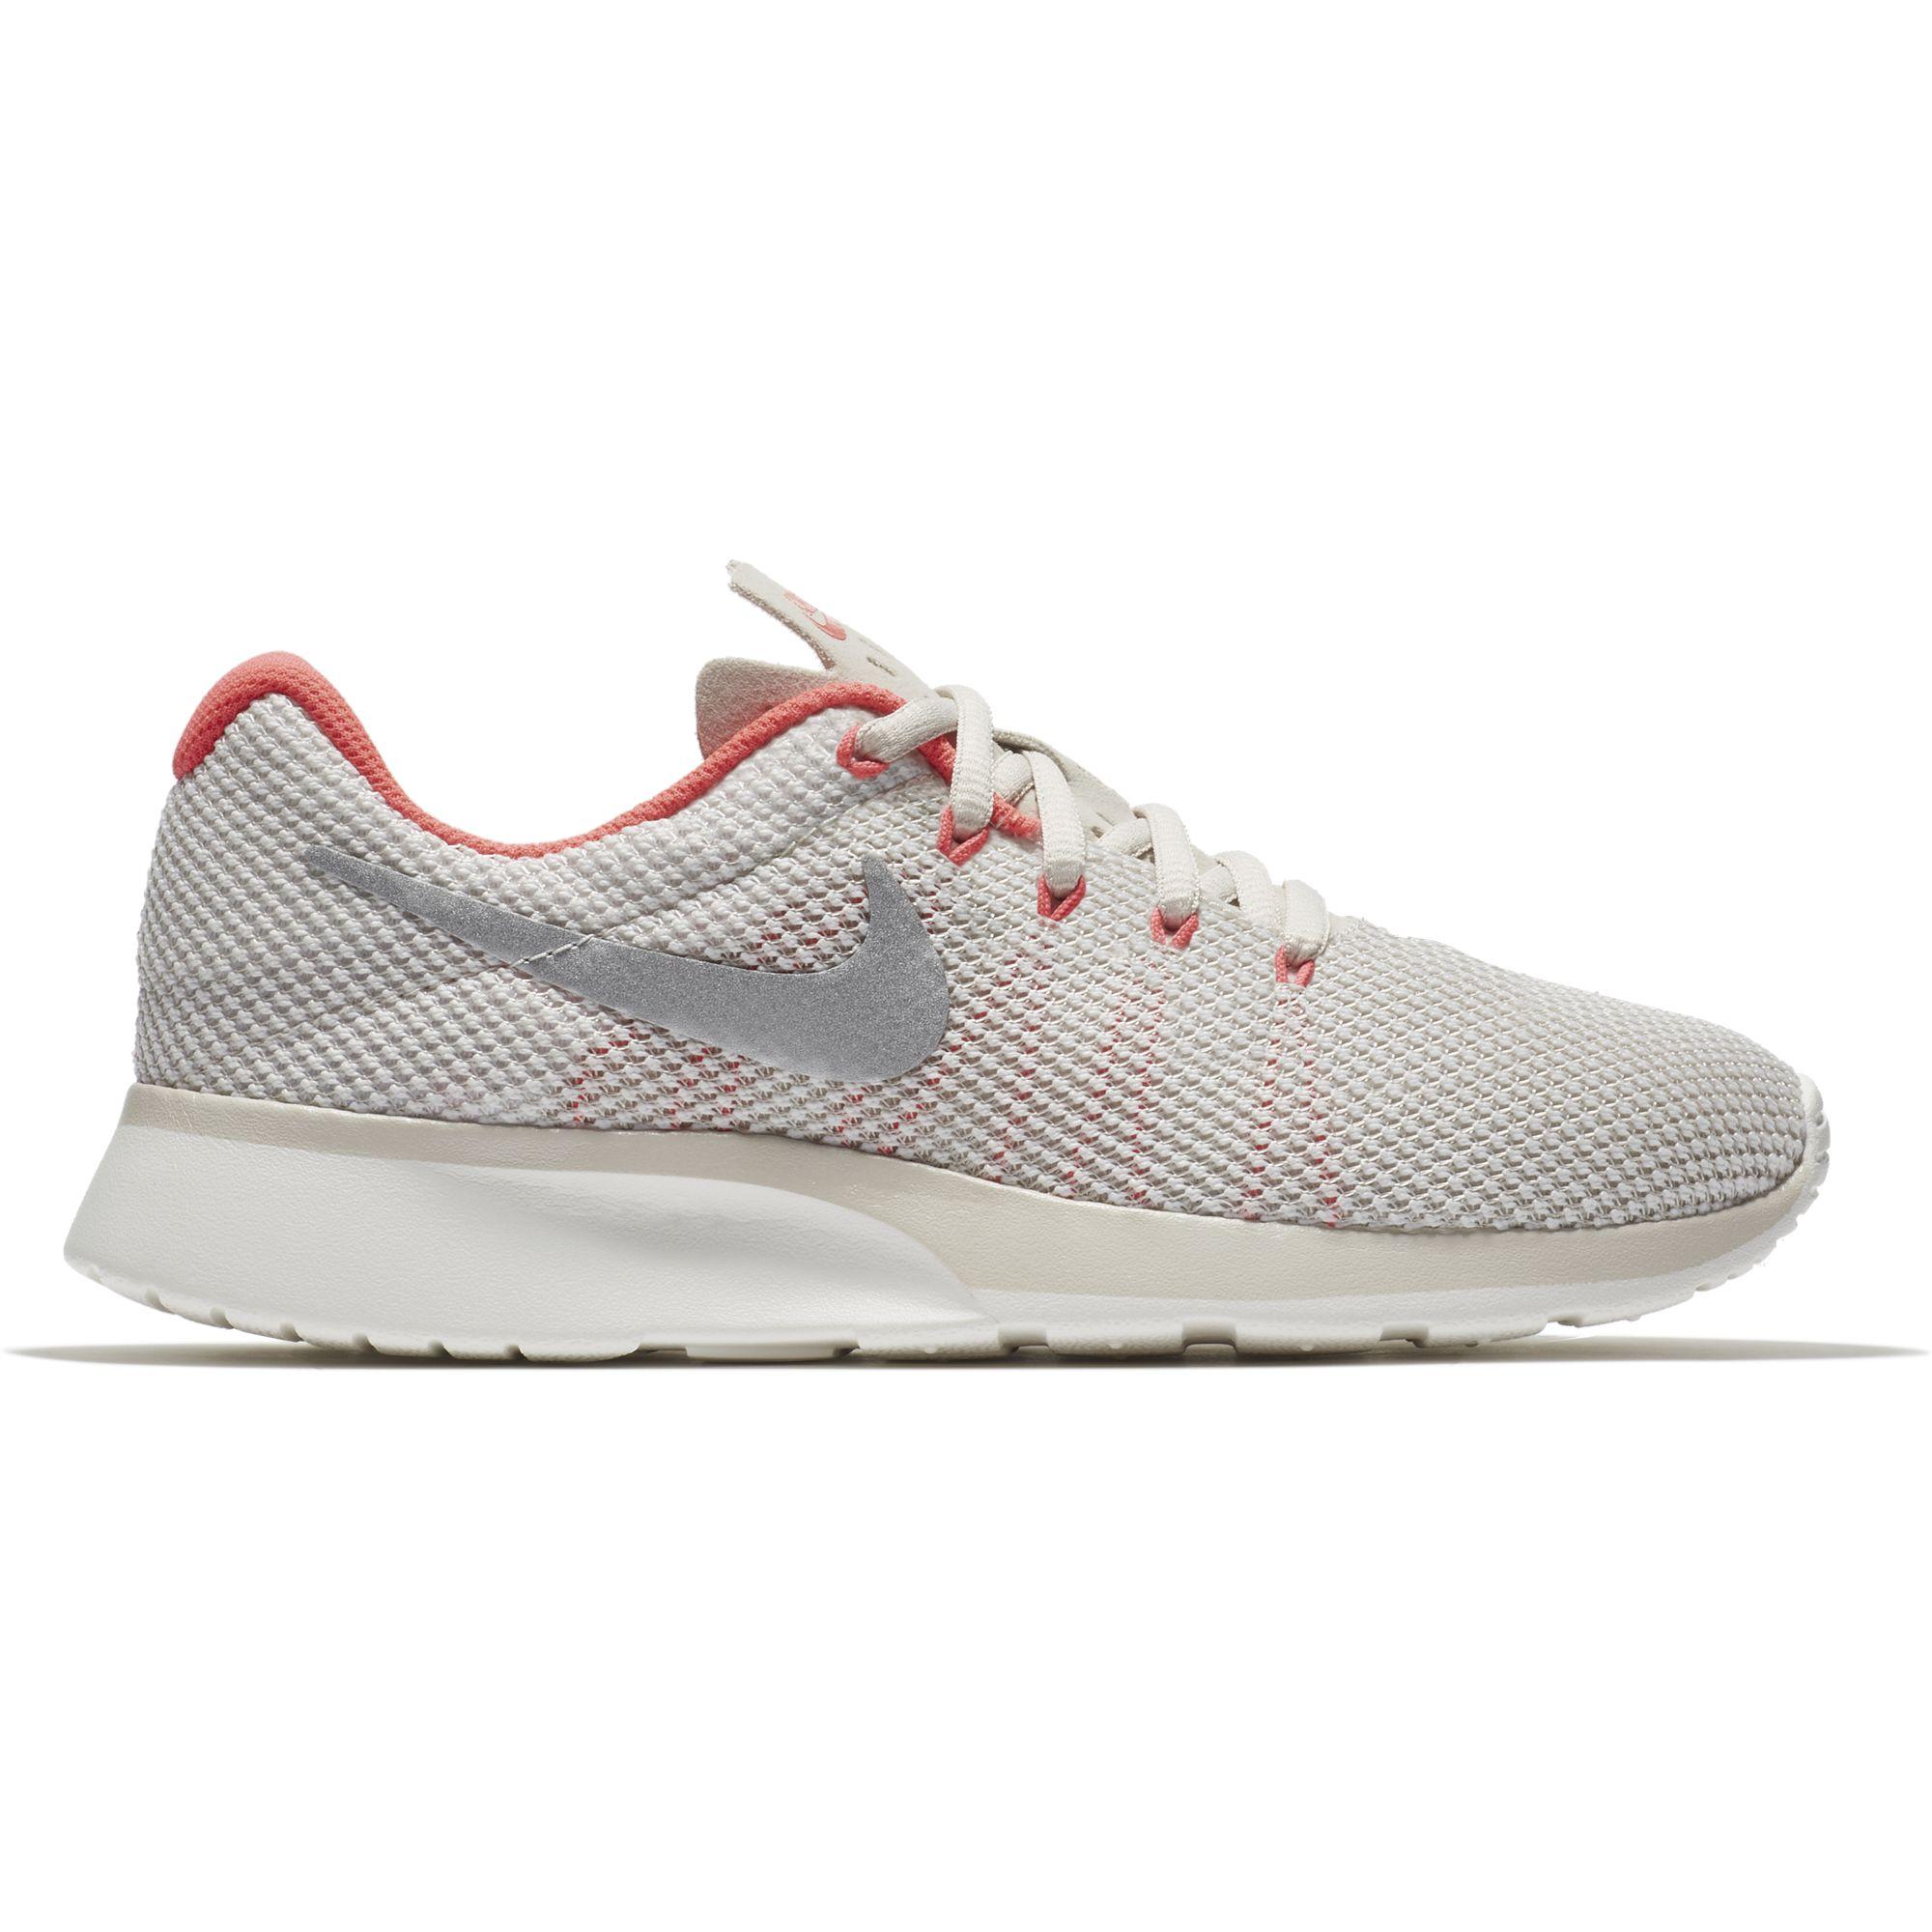 1801 Nike Tanjun Racer Women's Sneakers Sports Shoes 921668-007